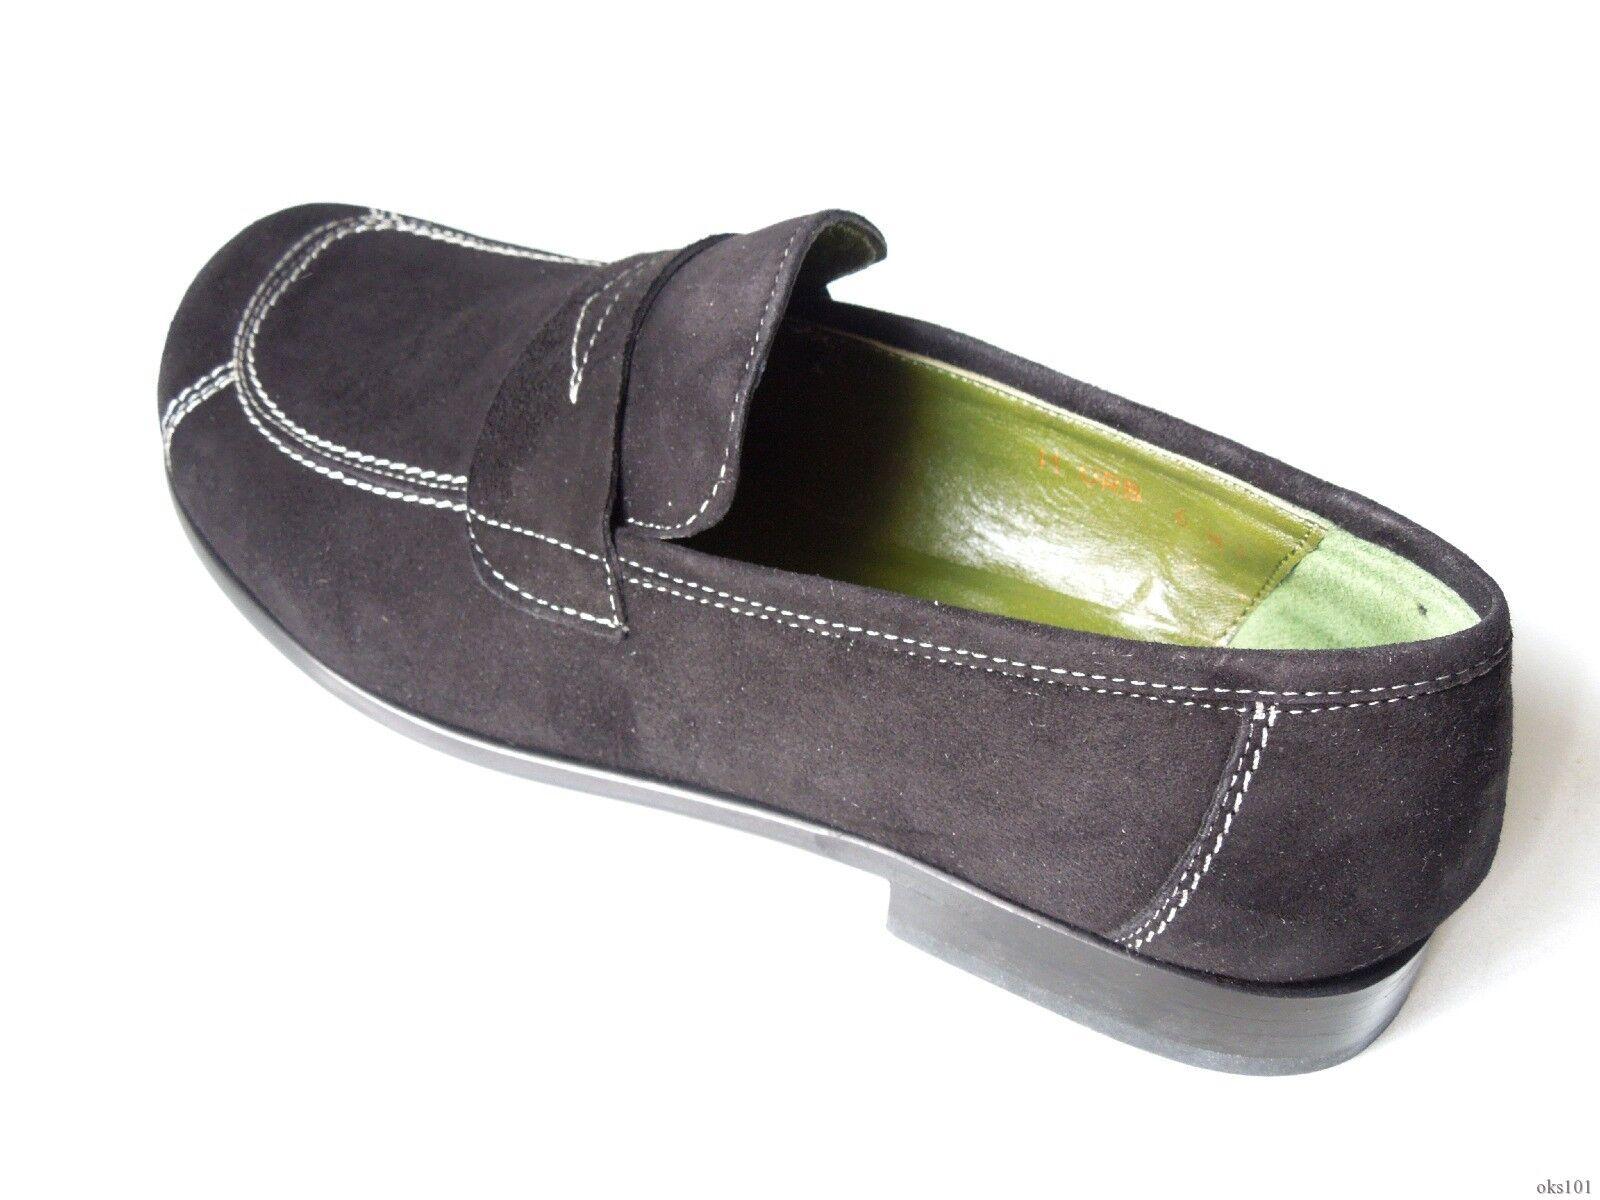 Nuevo Donald J Pliner Mocasines 'Urb' Zapatos Planos Mocasines Pliner De Gamuza Negro Made in  6 0437ff